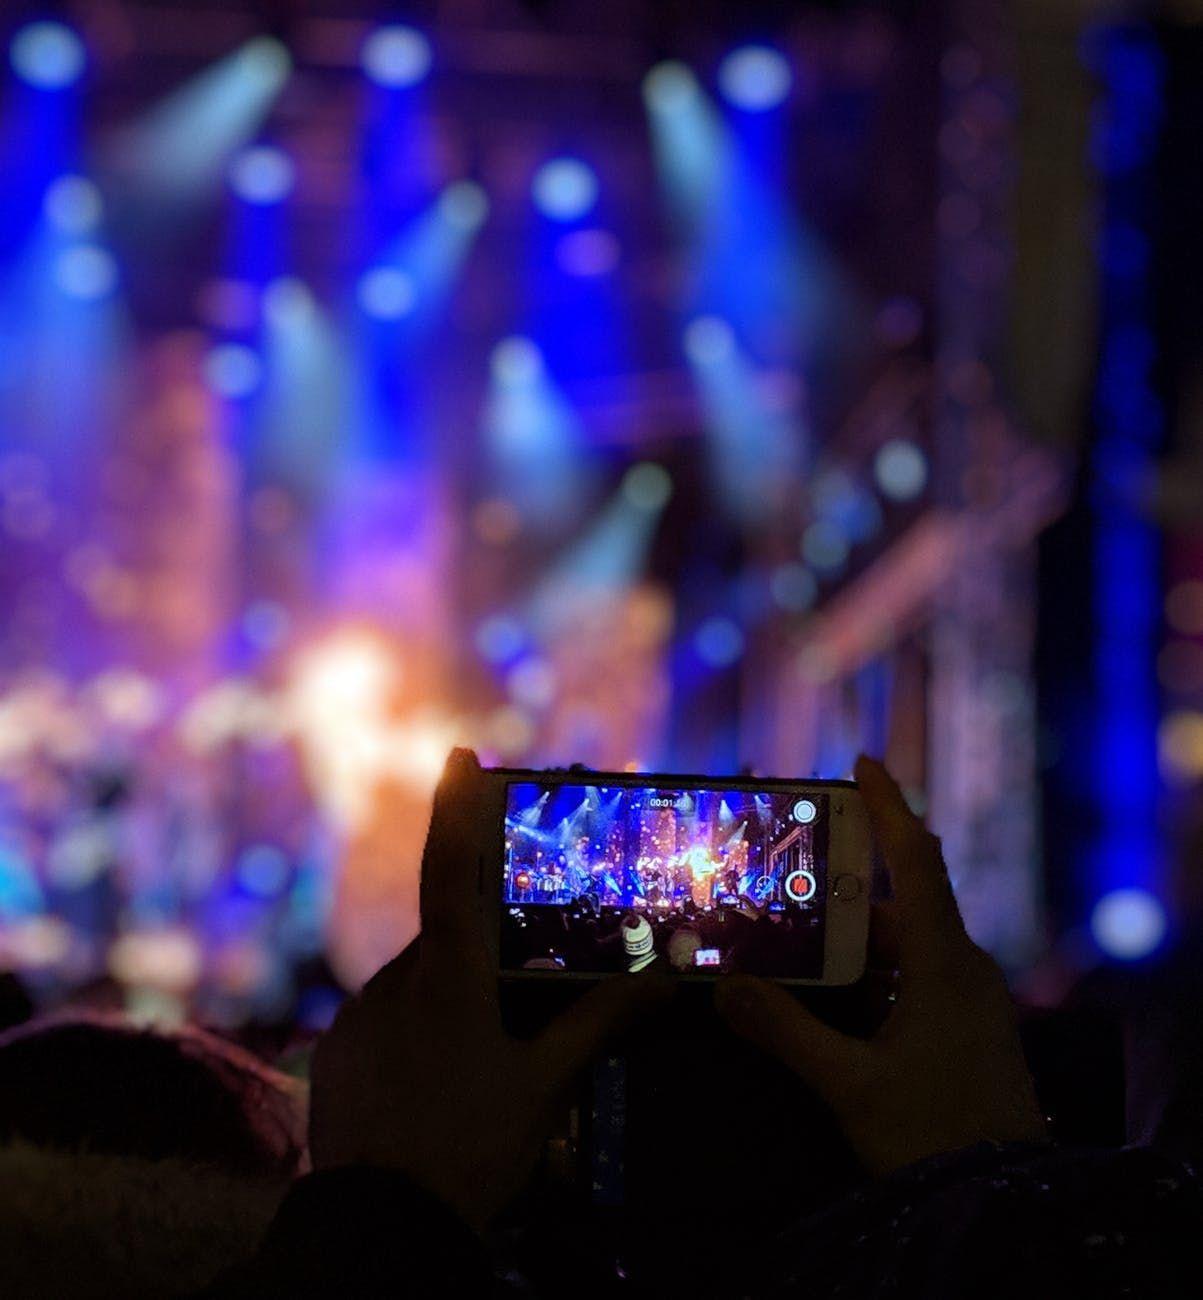 Fã usa telefone celular para grava vídeo em show